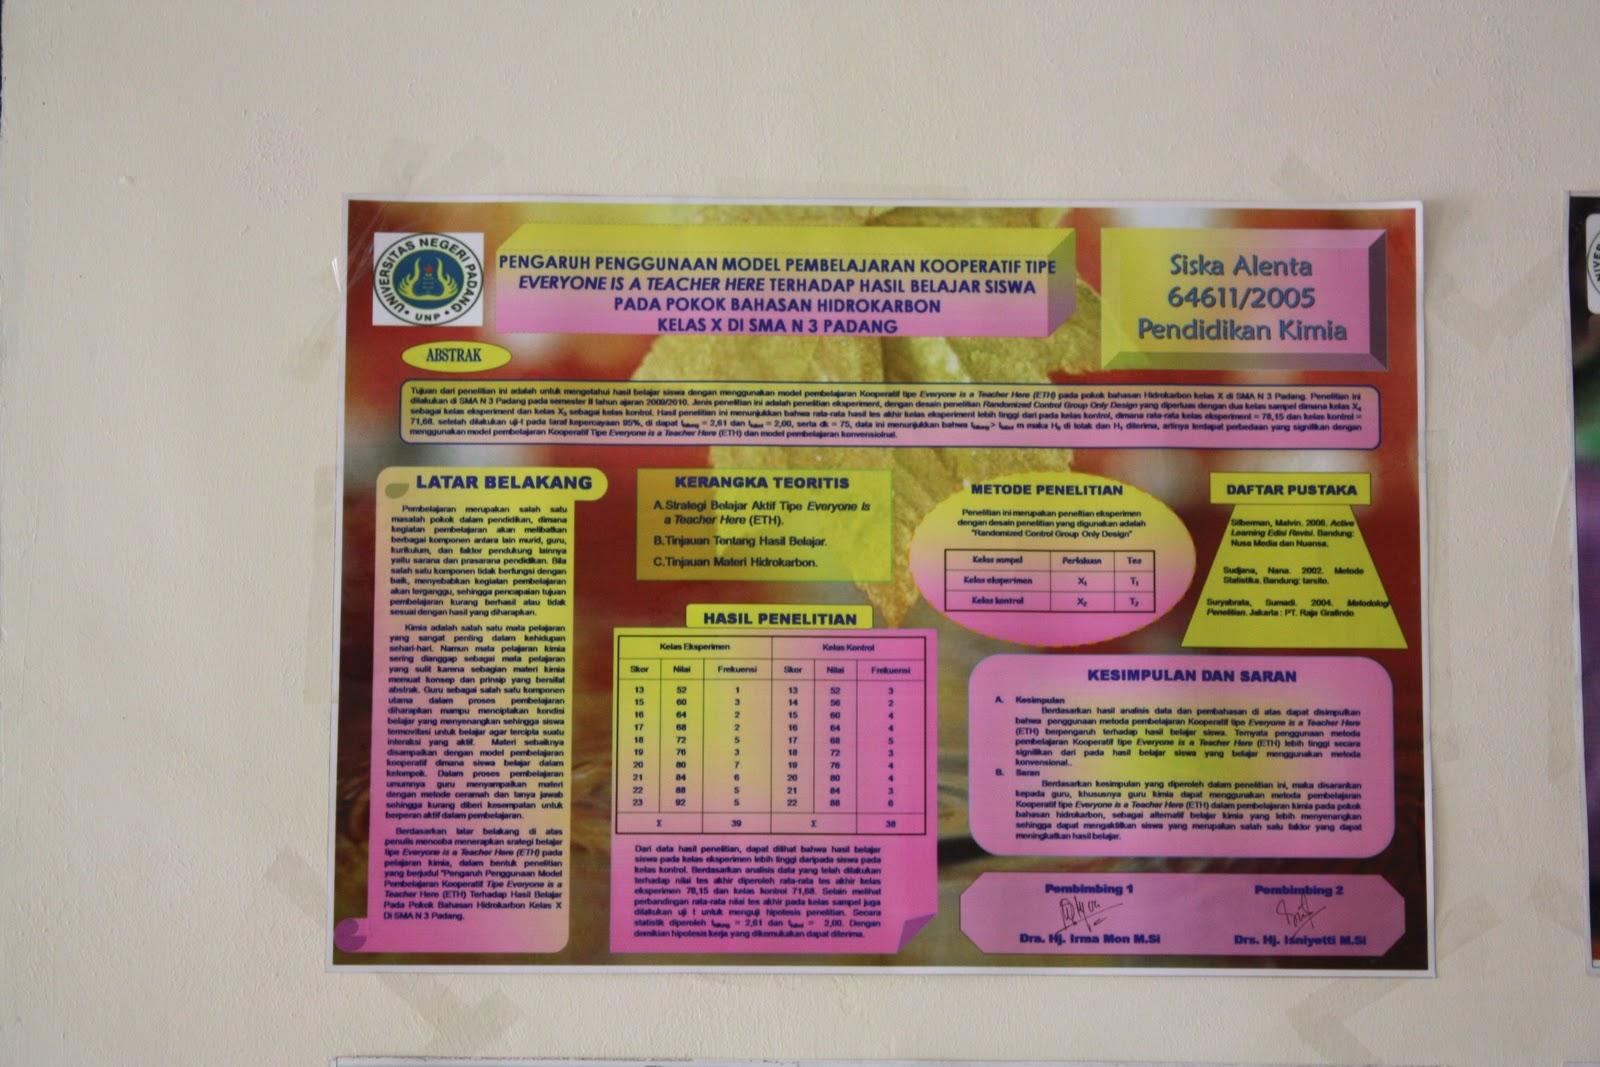 Tumbuhan Obat dan Sains: Poster Skripsi Mahasiswa Pend ...